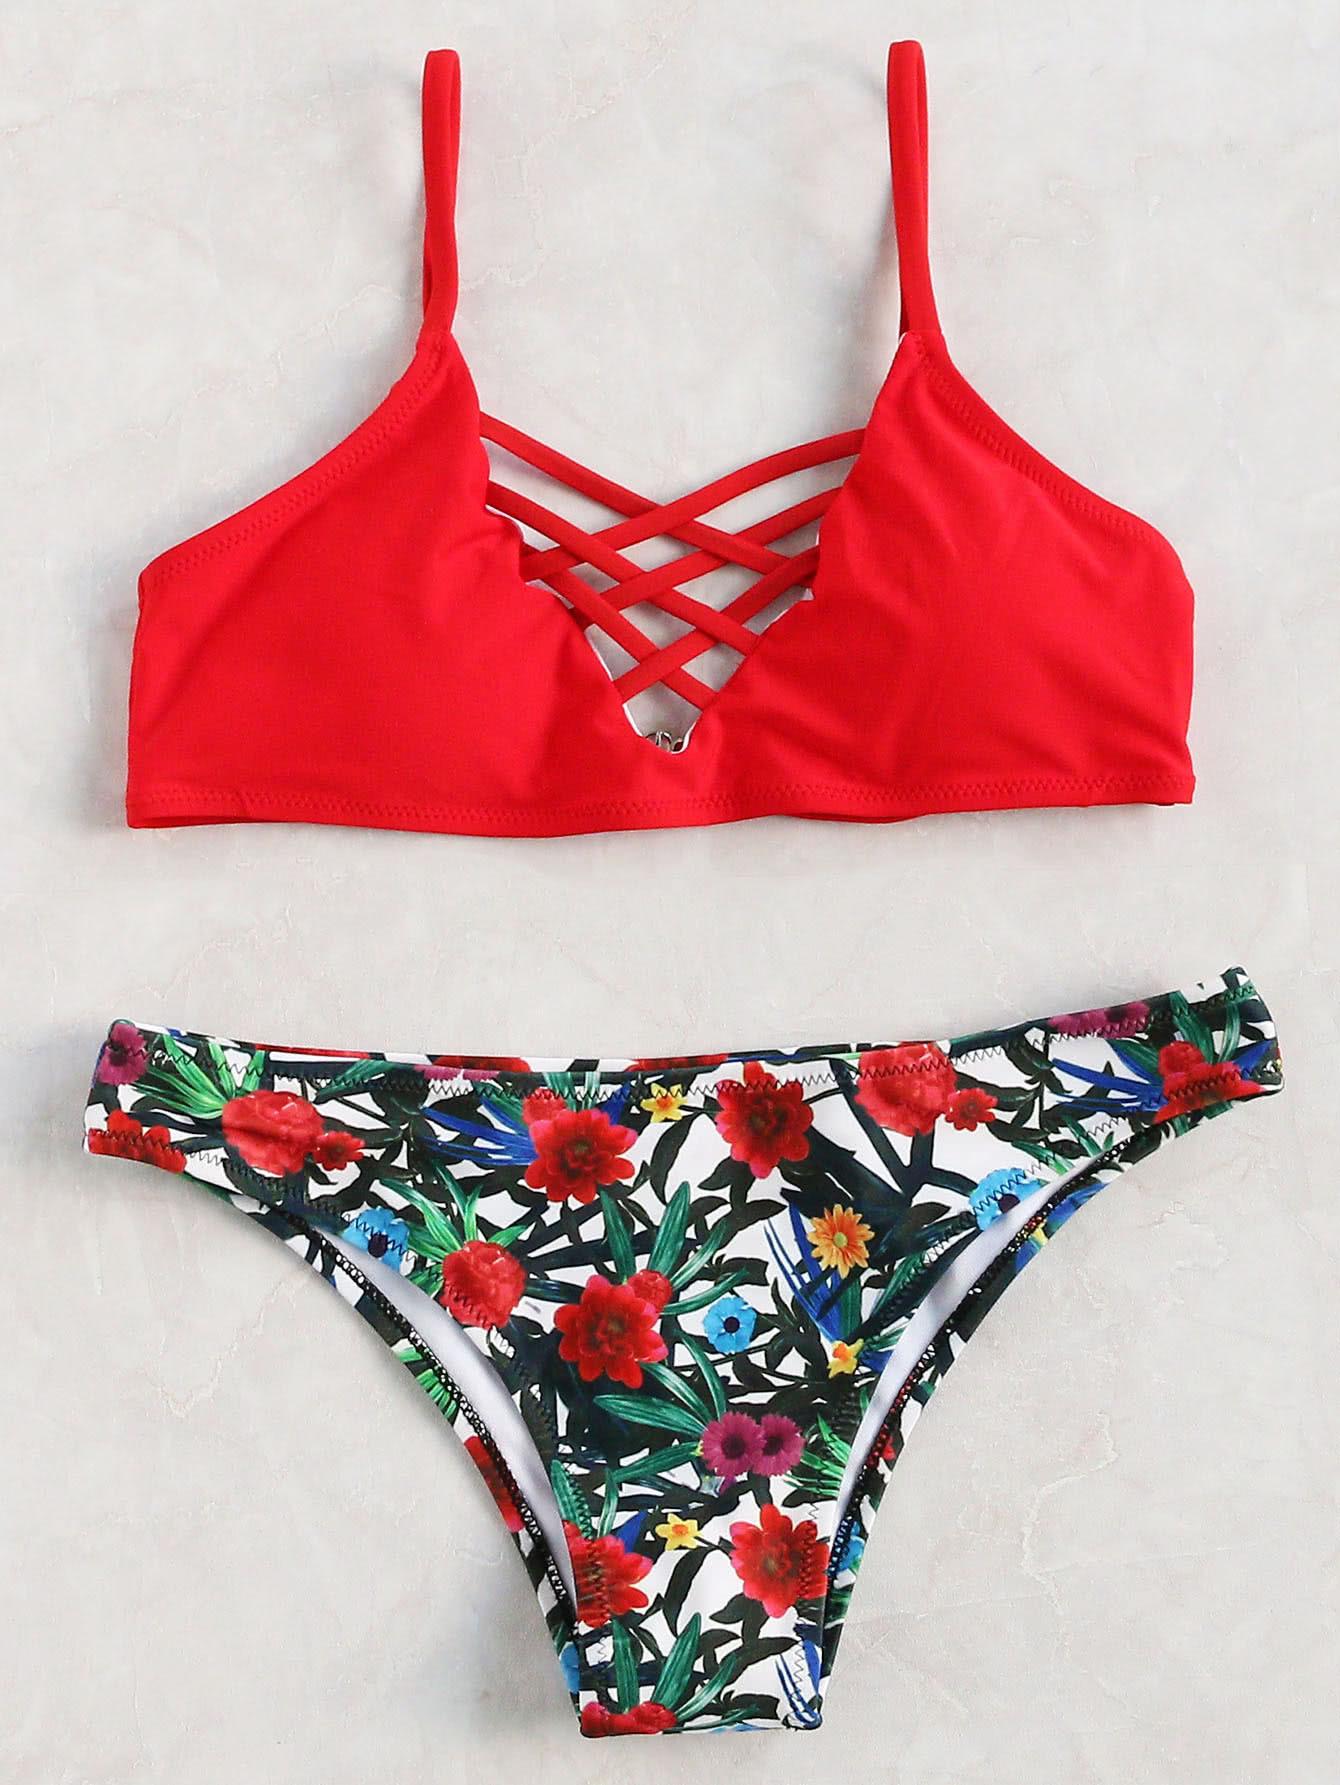 Collection de bikini imprim floral crois rouge french for Interieur paupiere inferieure rouge